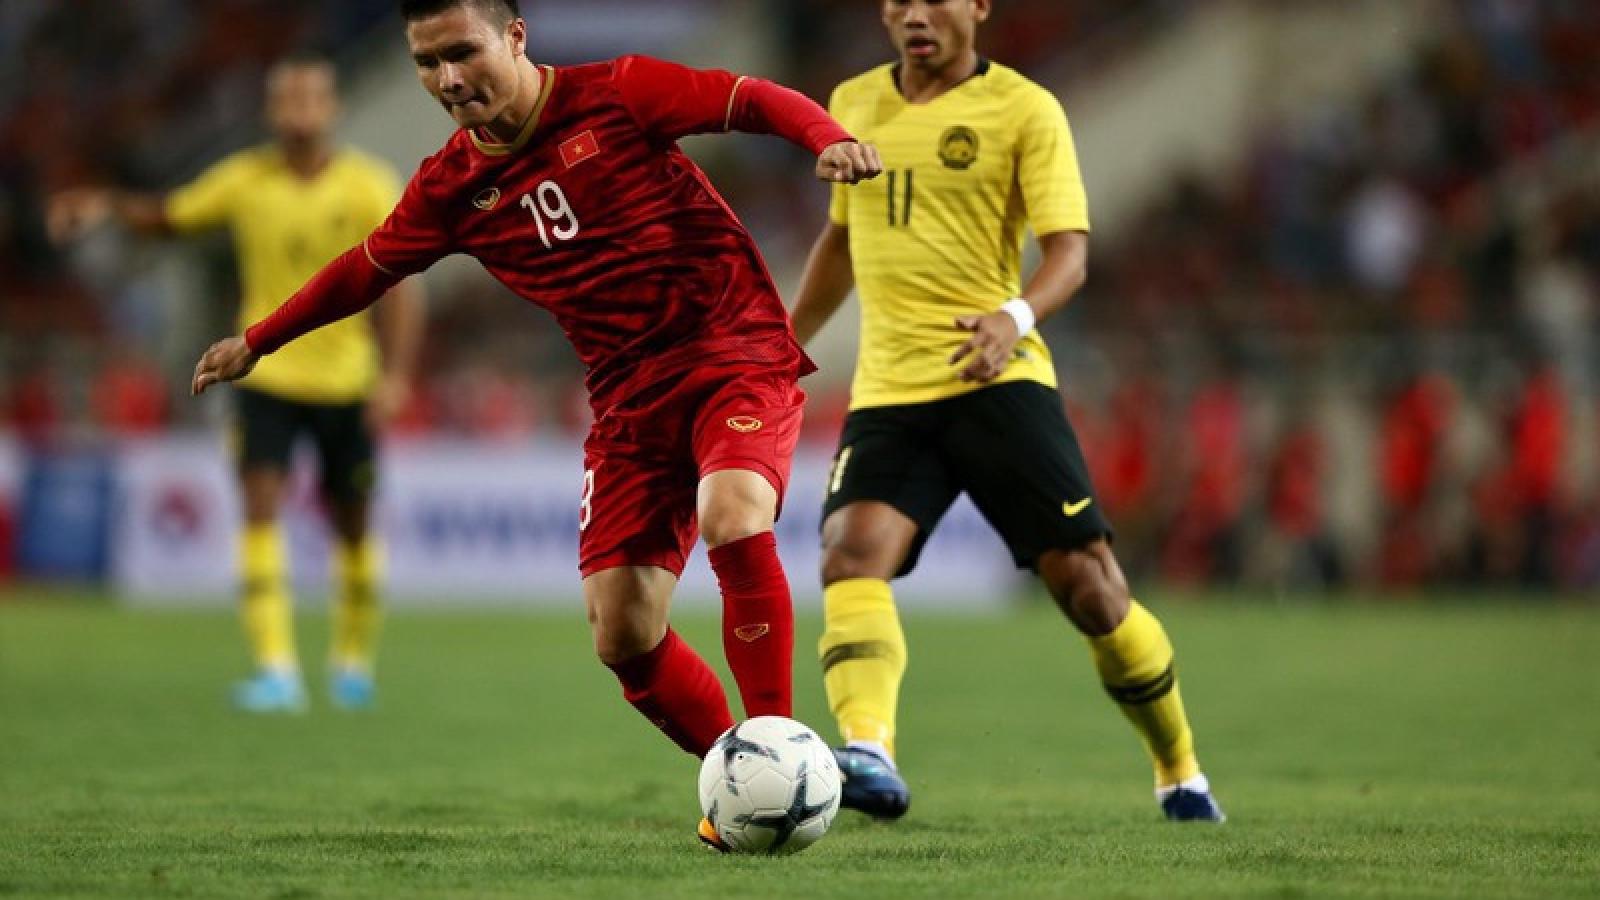 ĐT Việt Nam hơn Malaysia 60 bậc trên BXH FIFA